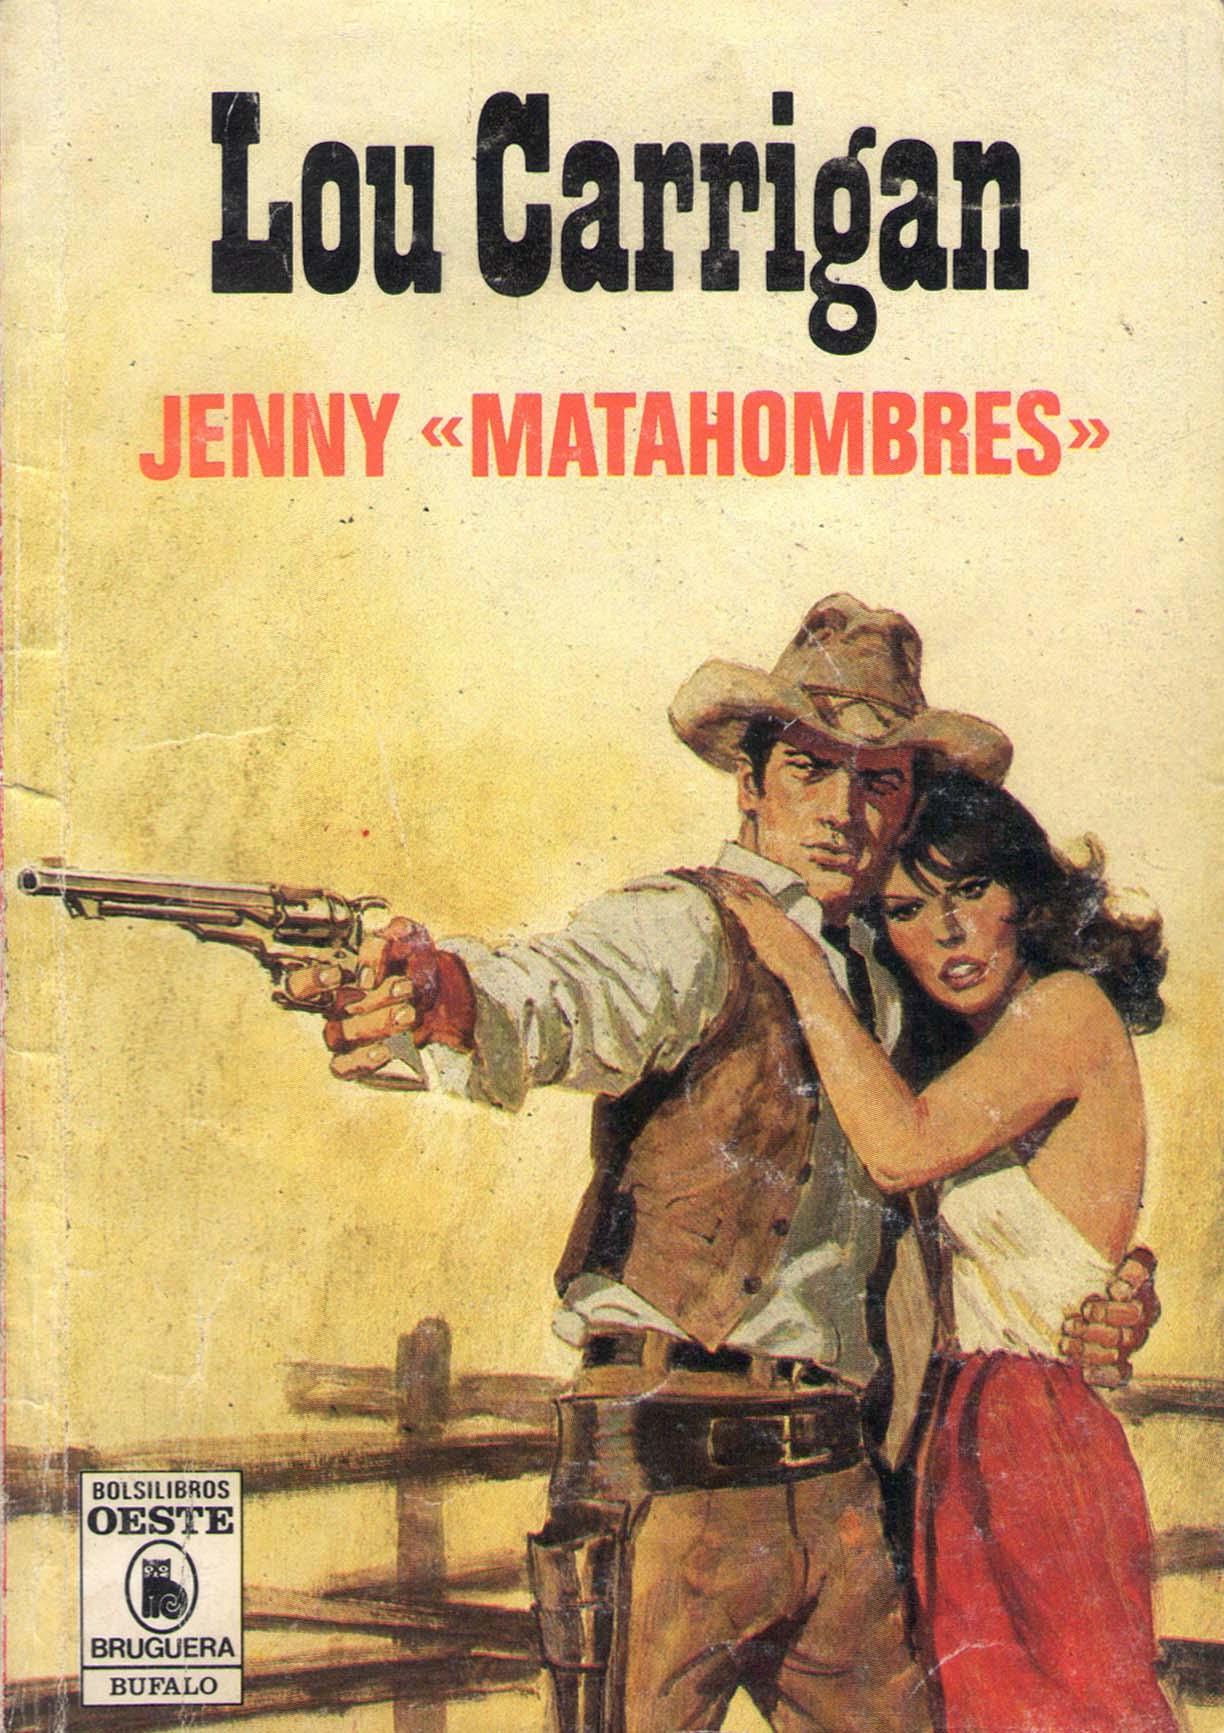 Jenny Matahombres